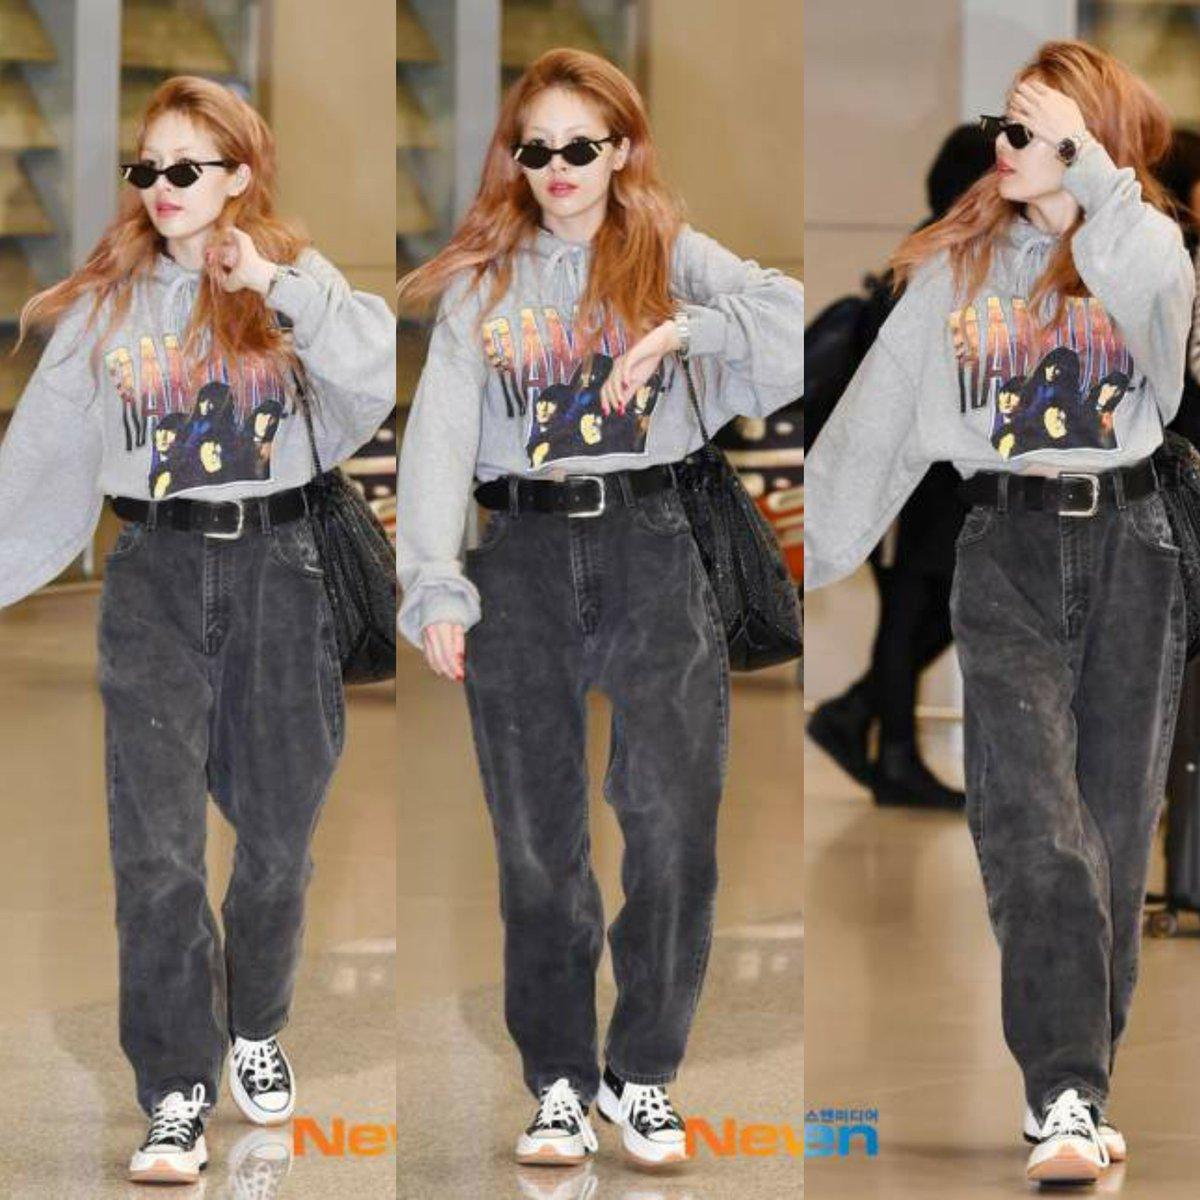 Sống sao cho vừa lòng netizen: Mặc đồ kín bưng không hở bạo Hyuna vẫn nhận gạch đá 'tưng bừng' từ cư dân mạng Ảnh 7